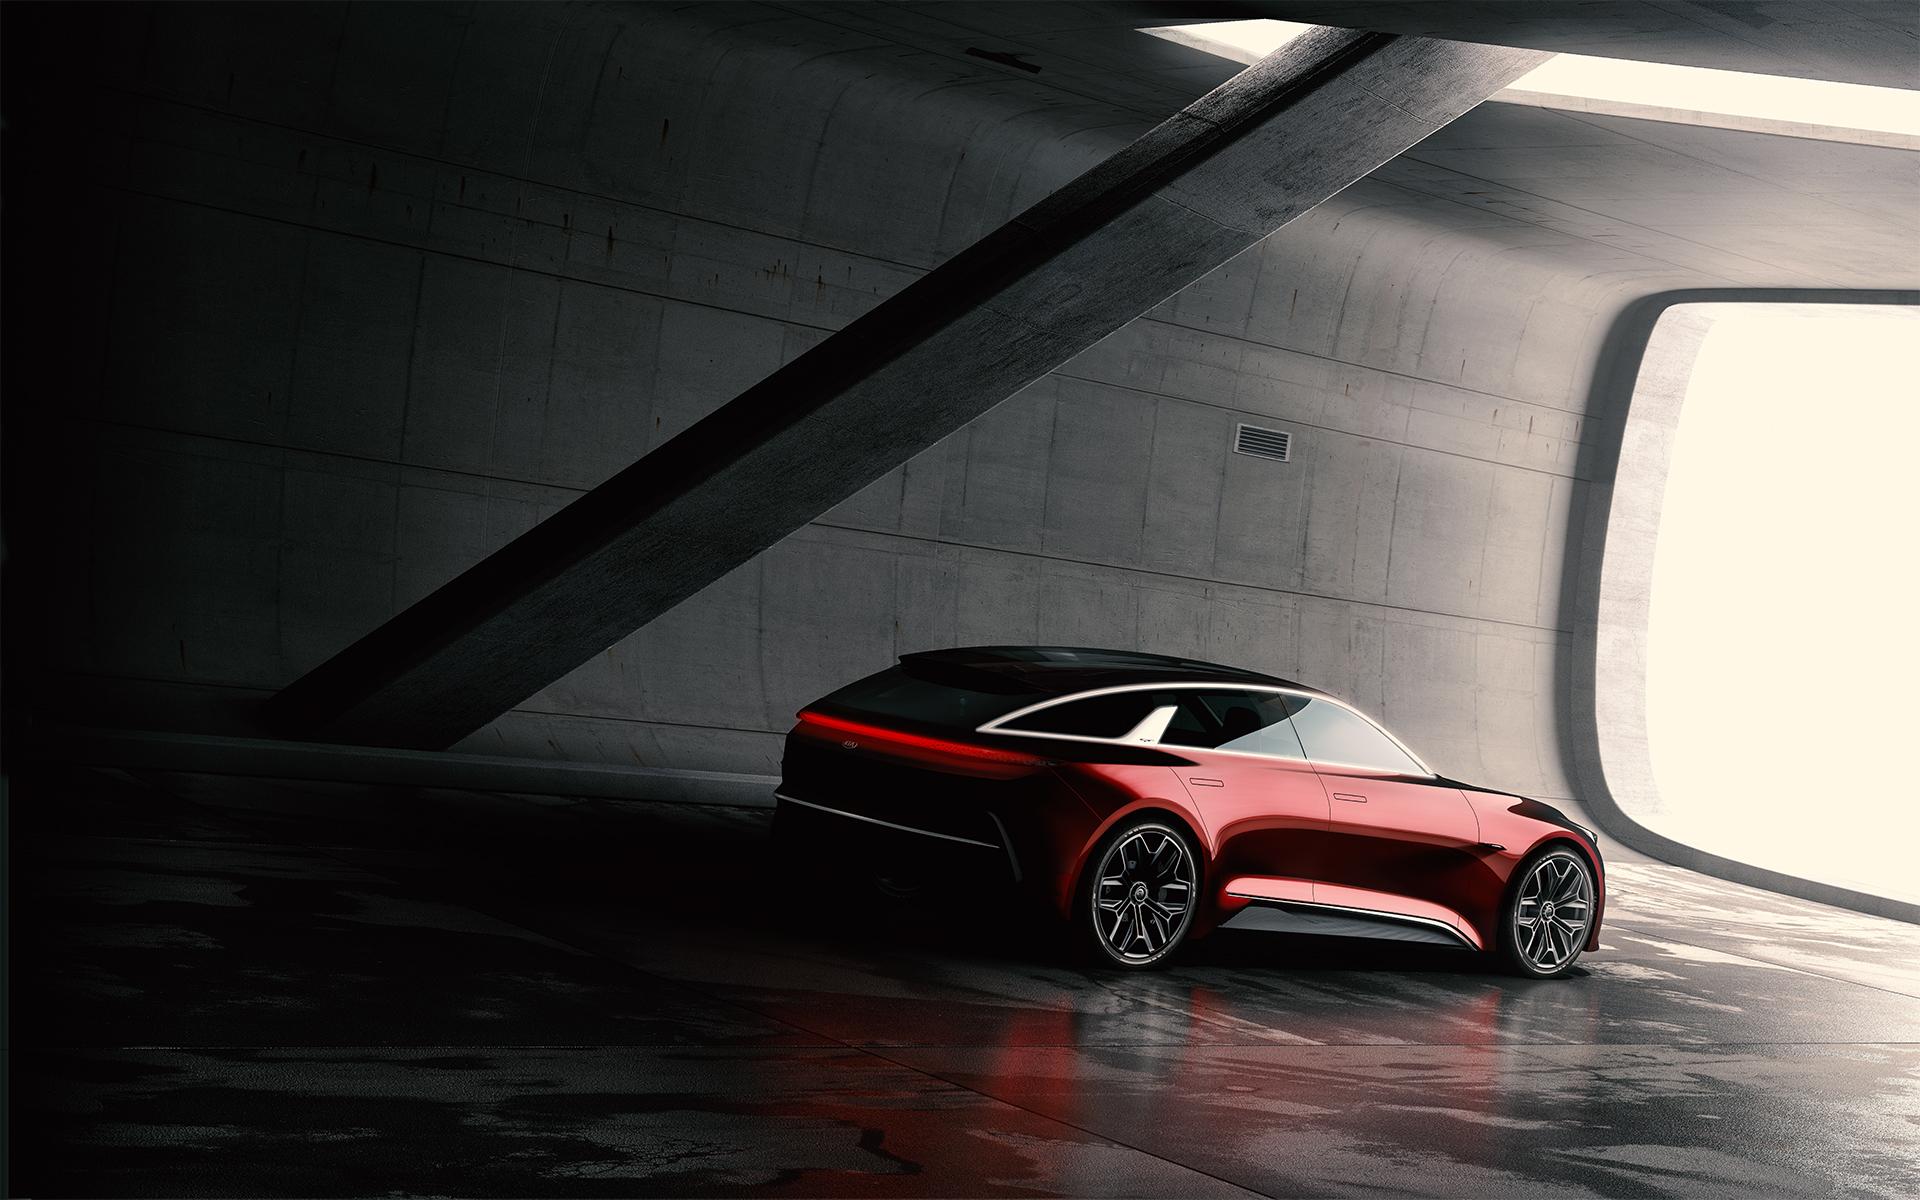 El nuevo concept car de Kia